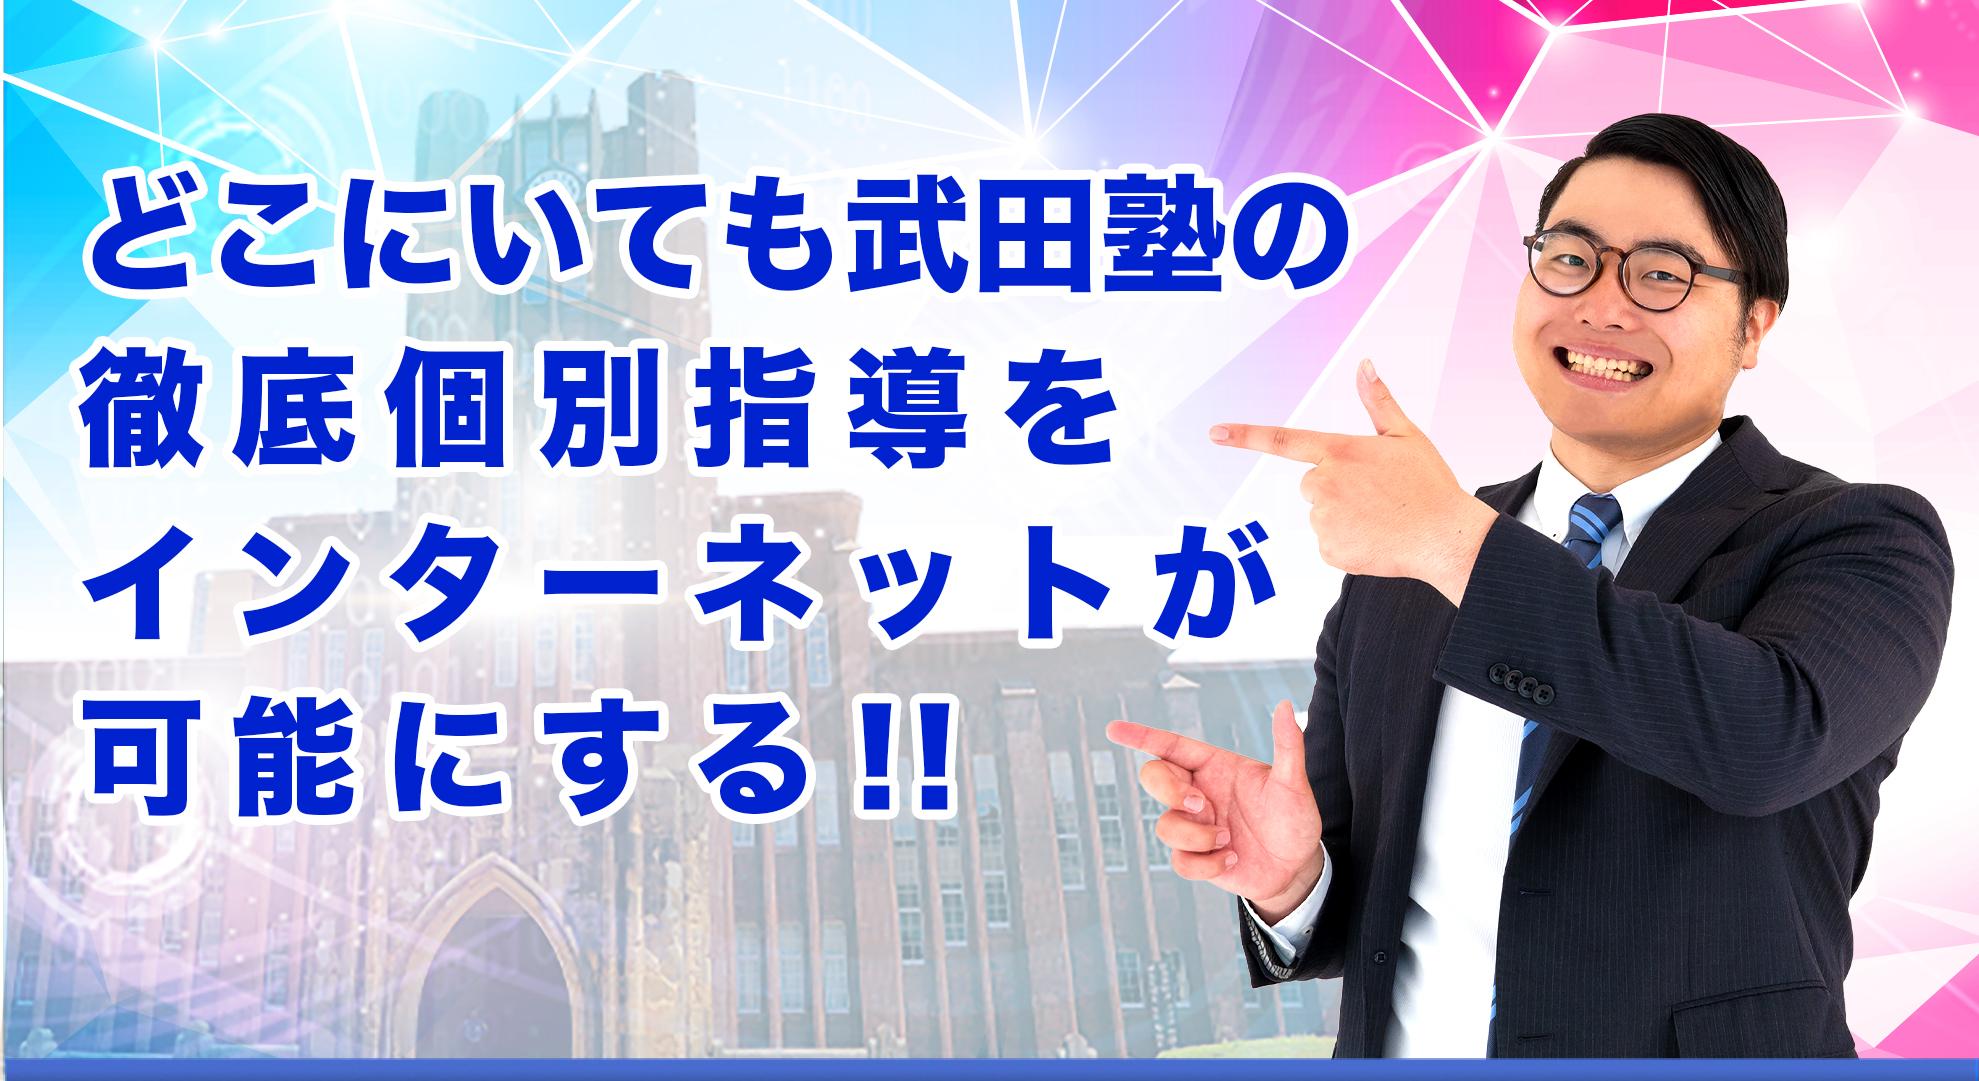 どこにいても武田塾の徹底個別指導をインターネットが可能にする!!